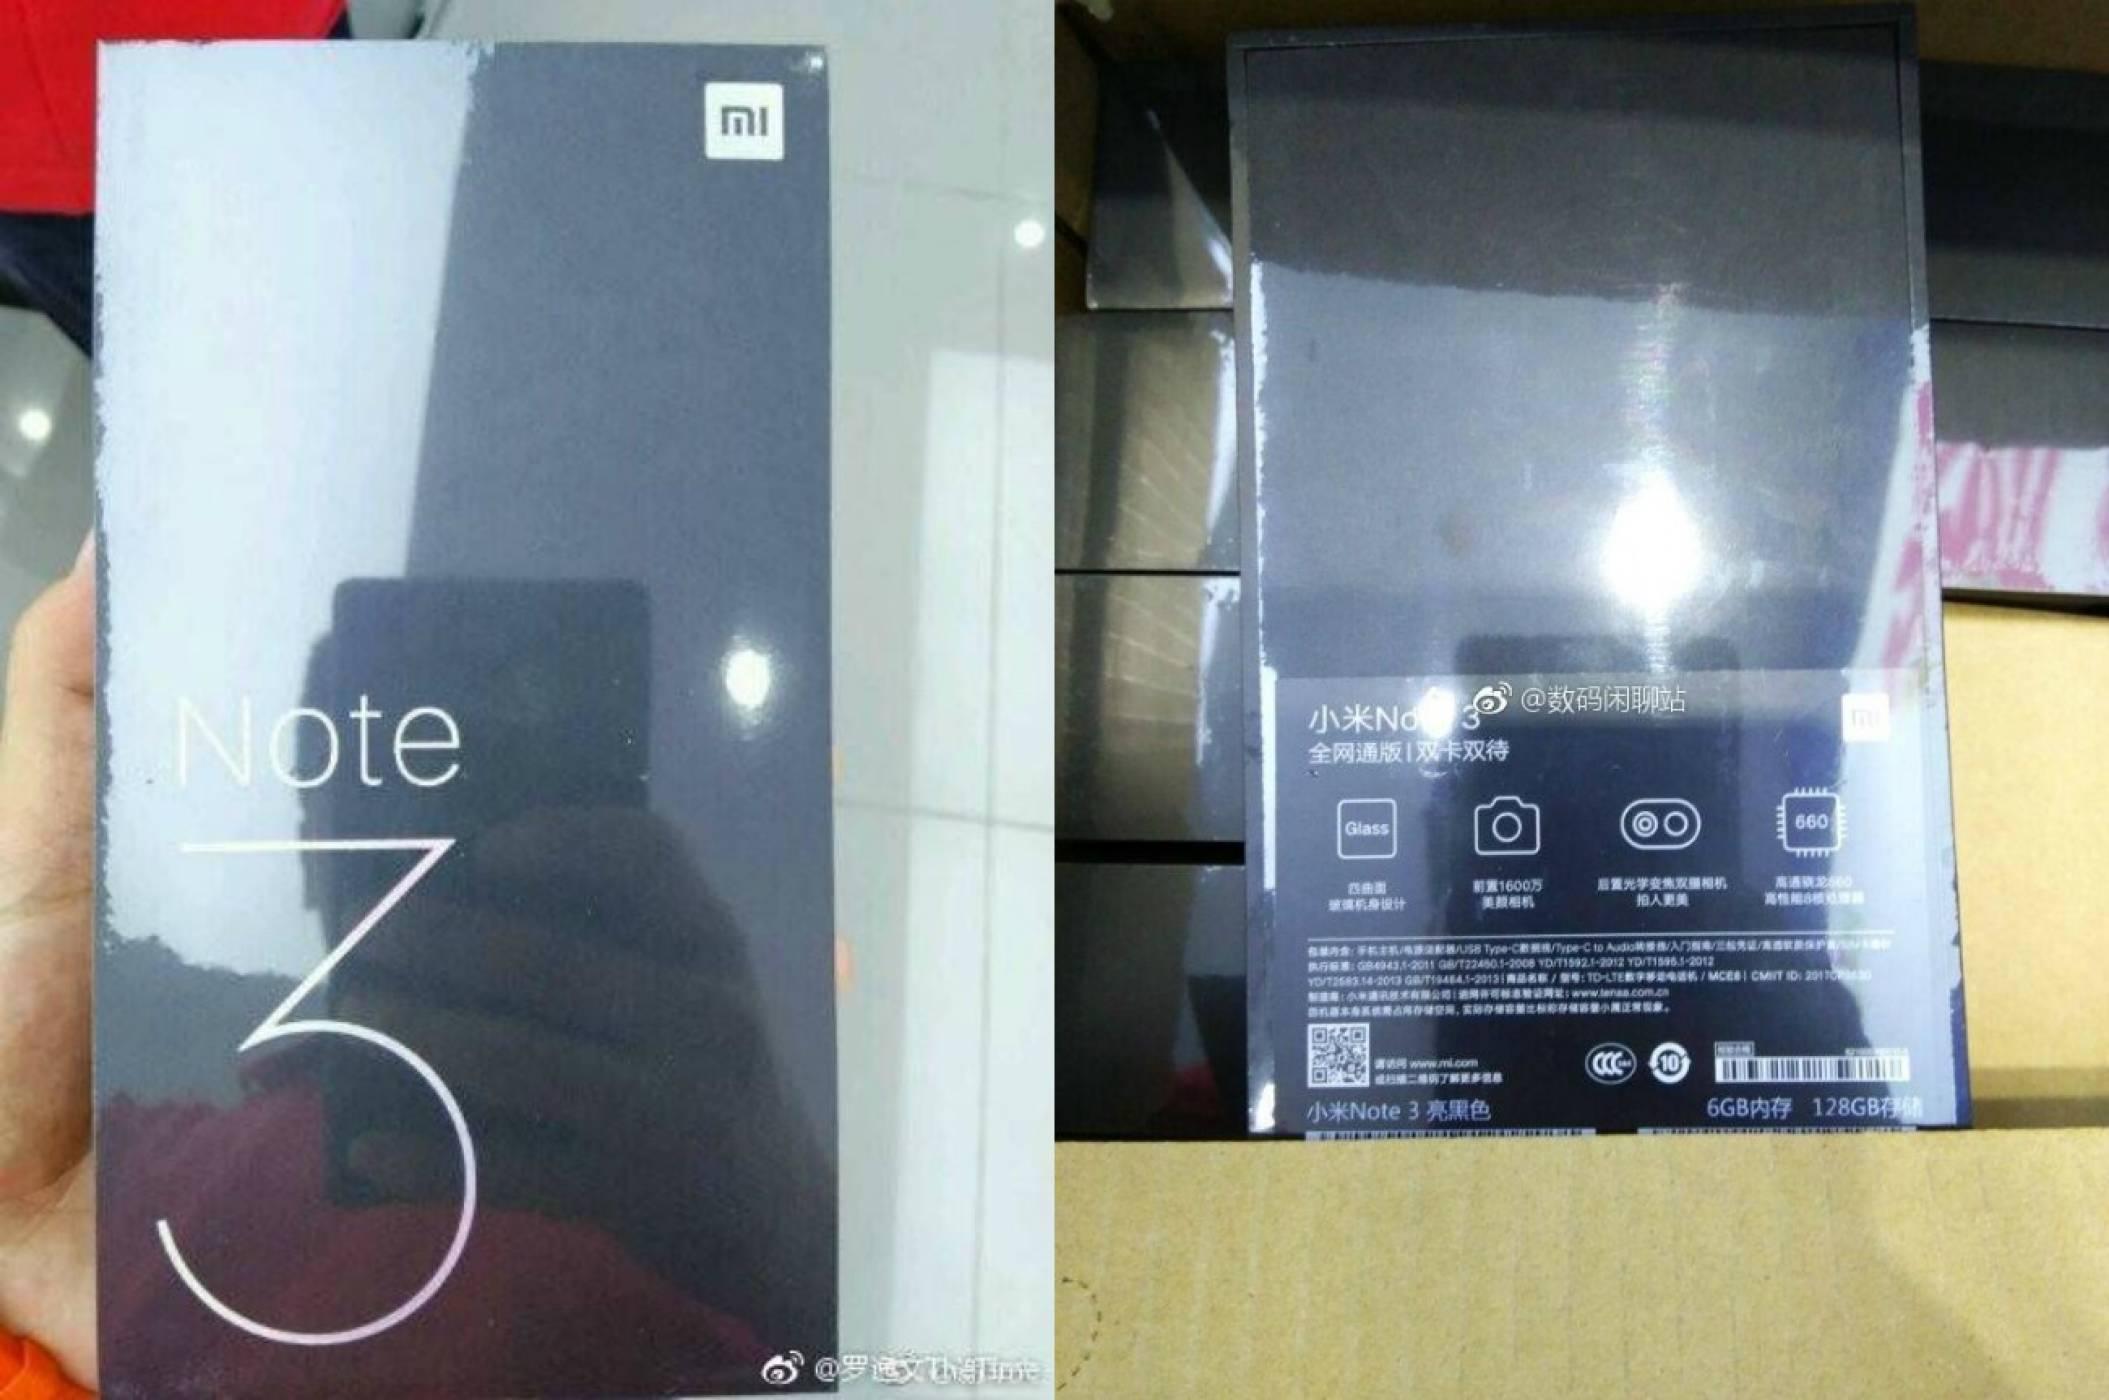 Снимка на кутията на Mi Note 3 потвърди, че смартфонът ще работи със Snapdragon 660